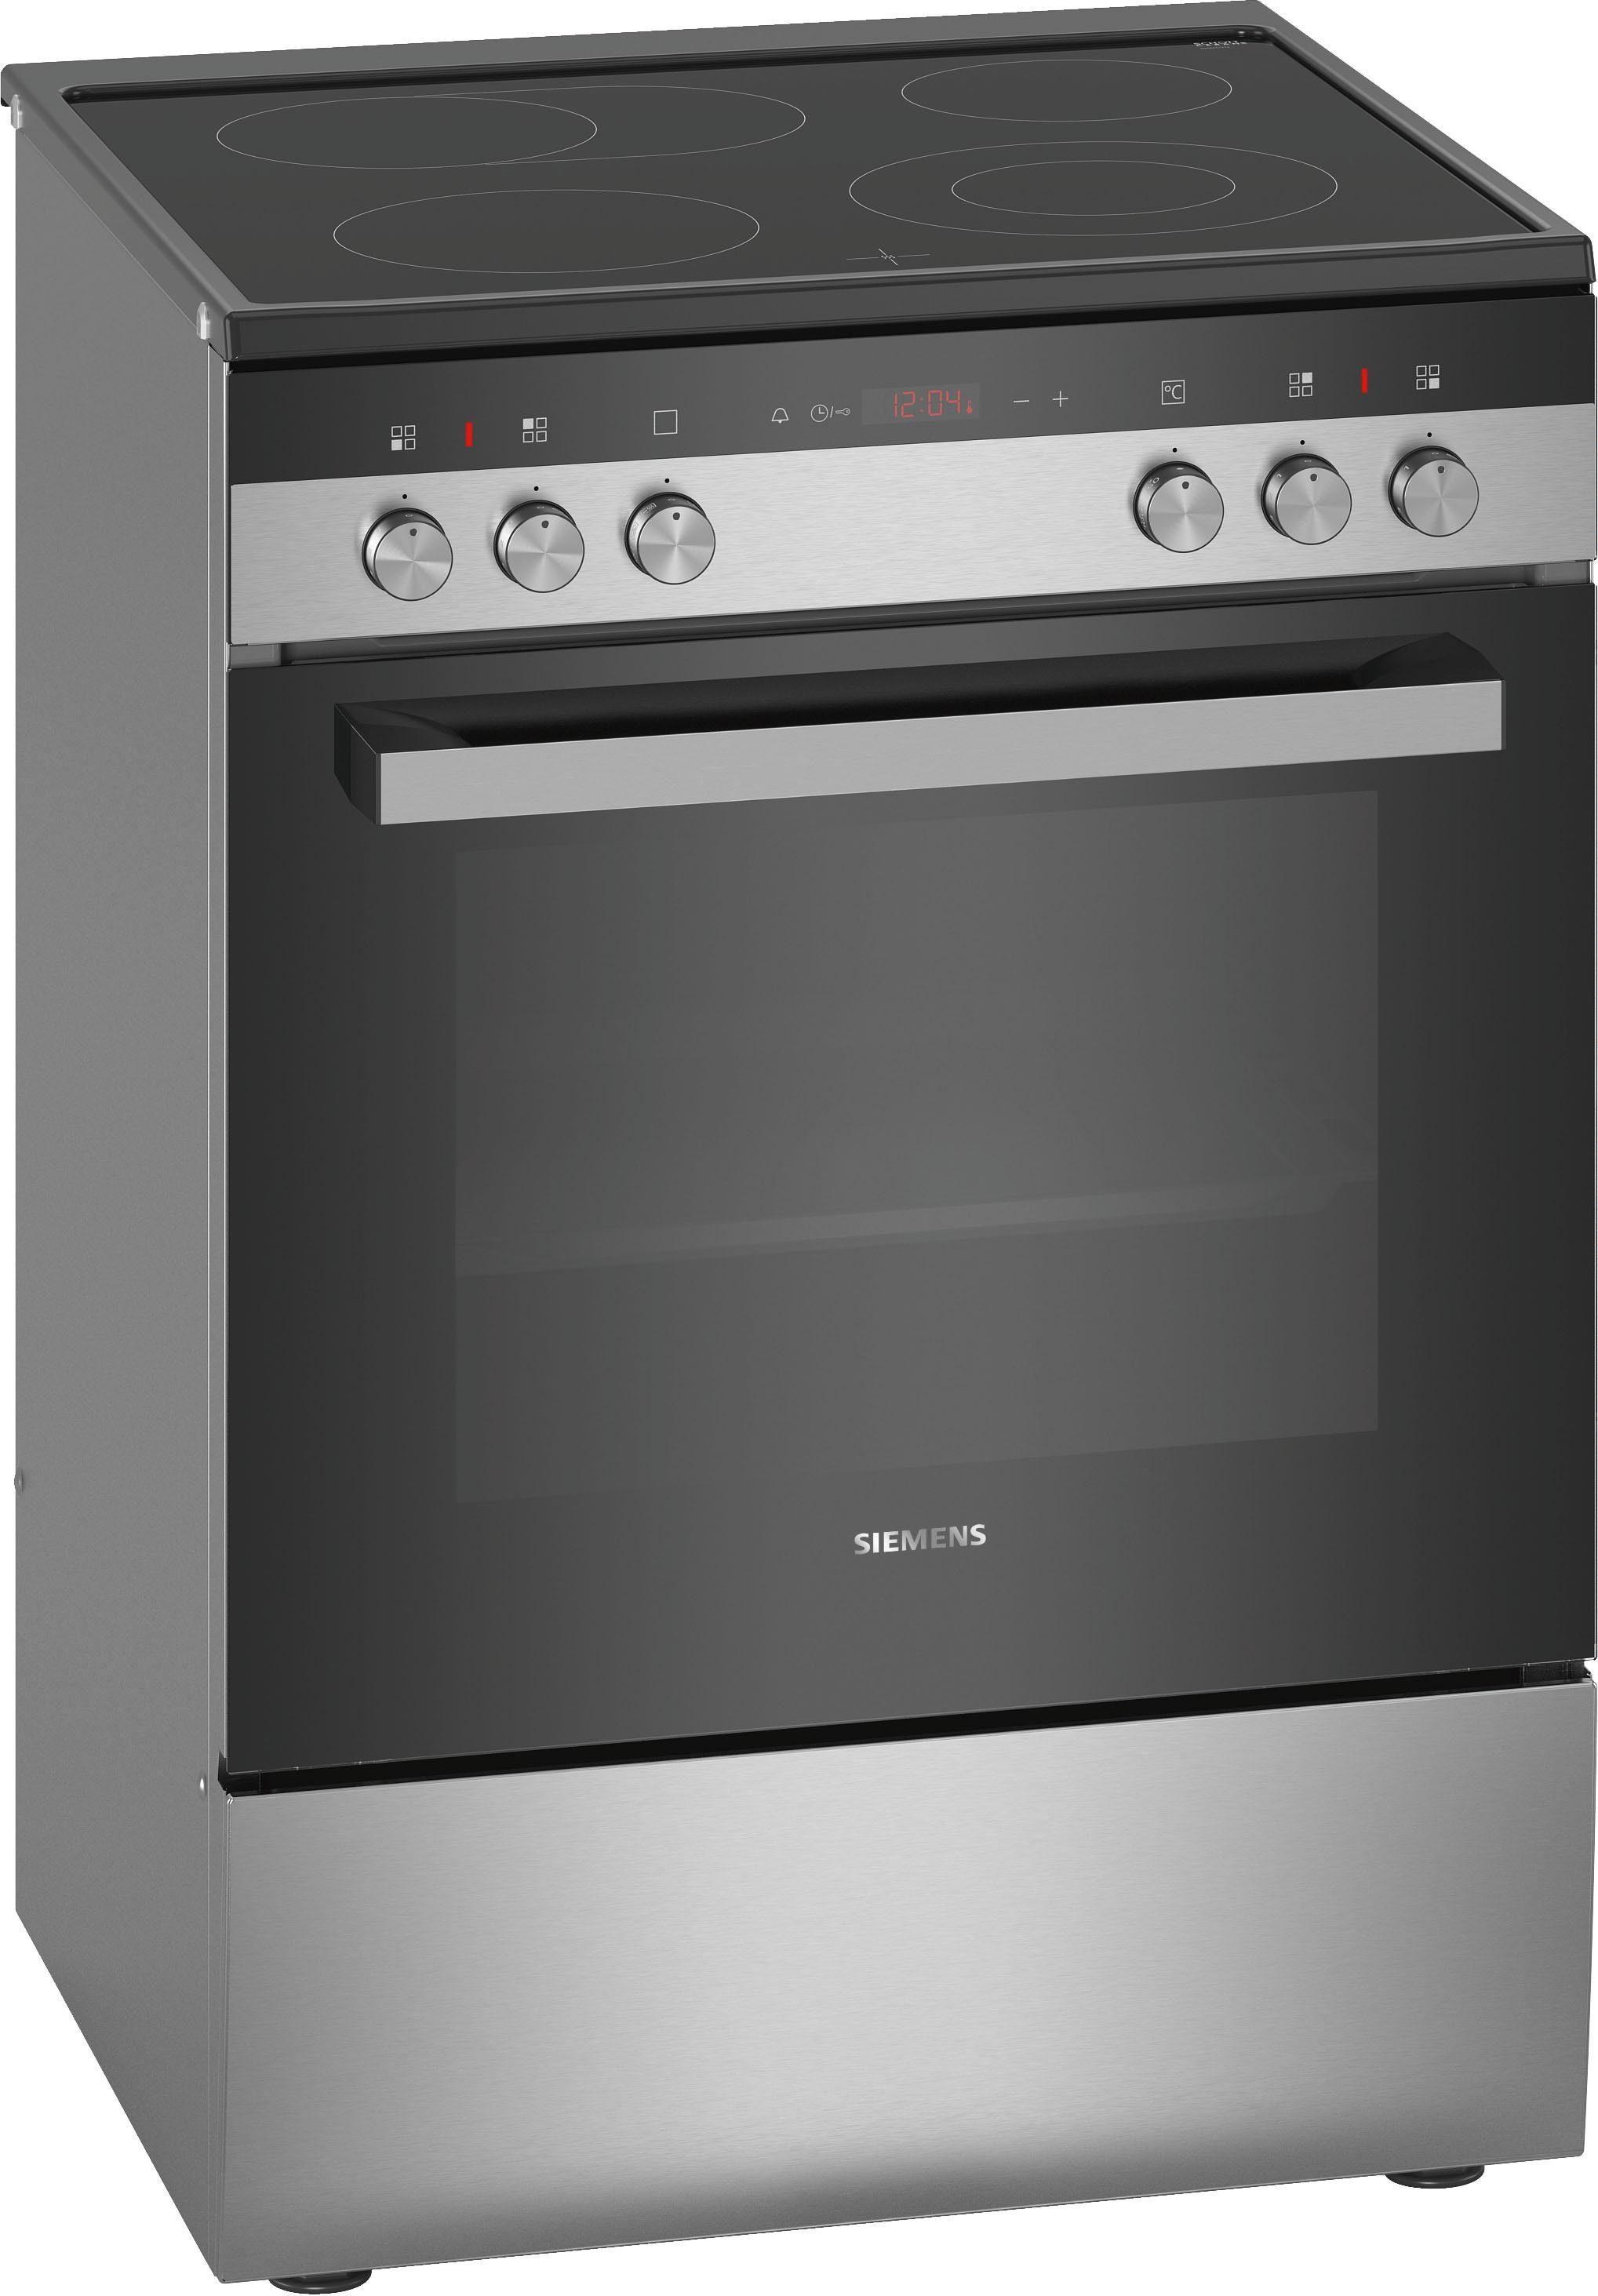 Siemens Elektro-Standherd HK9R30250, 60 cm